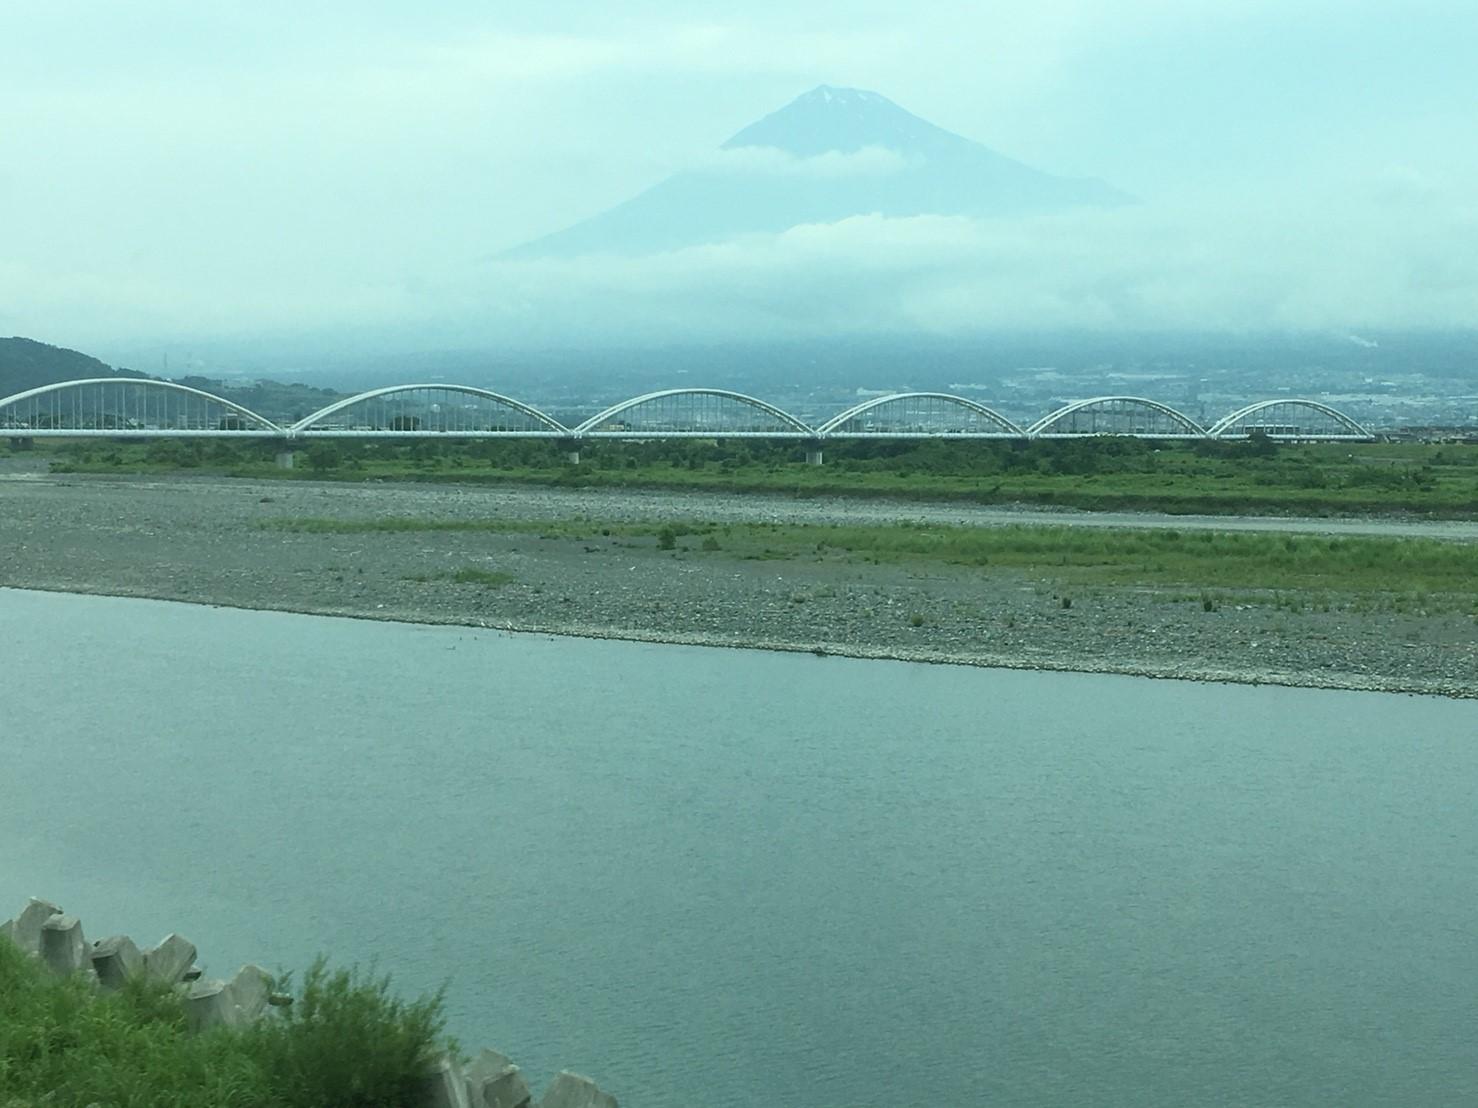 富士山ビューシリーズ 2018/5/29 今朝の新幹線からの富士山_b0011584_10022297.jpg